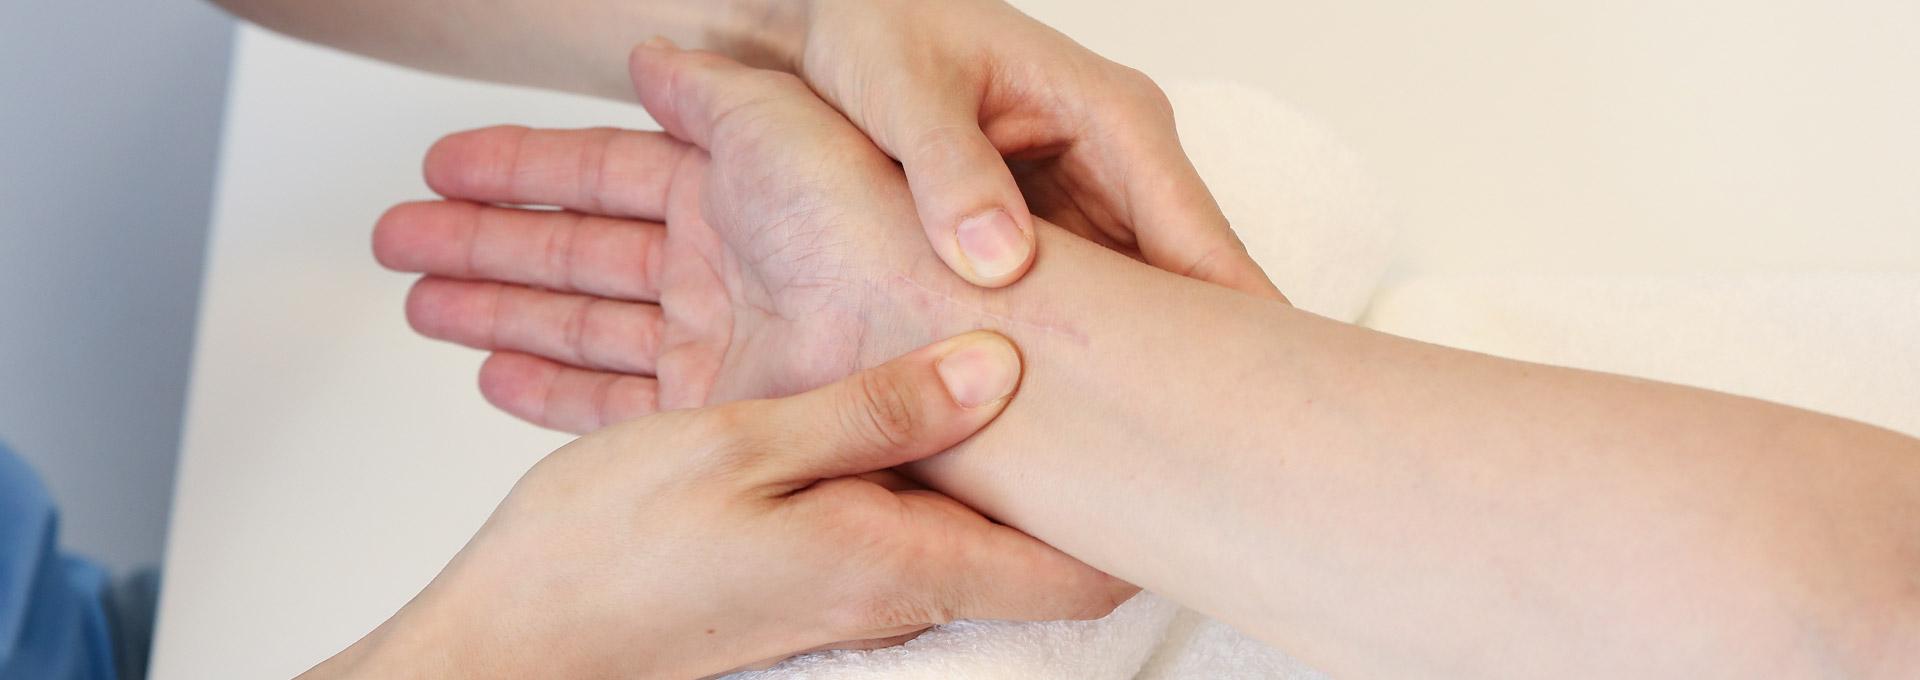 968x433 5422_1 Handtherapie Physiotherapie Beweglichkeit